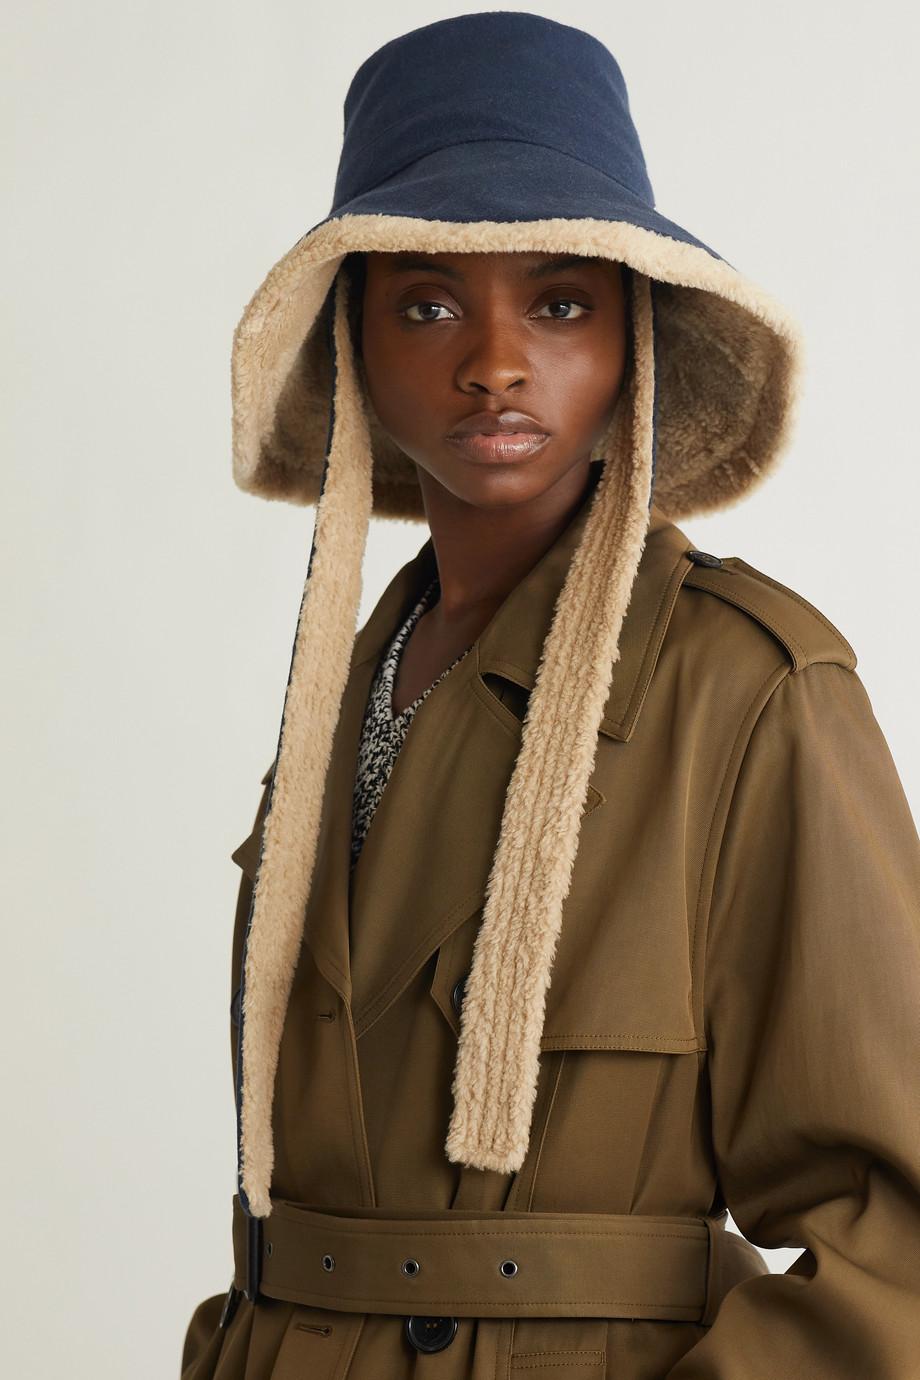 Gucci Hut aus Filz aus einer Woll-Kaschmirmischung mit Futter aus Shearling-Imitat